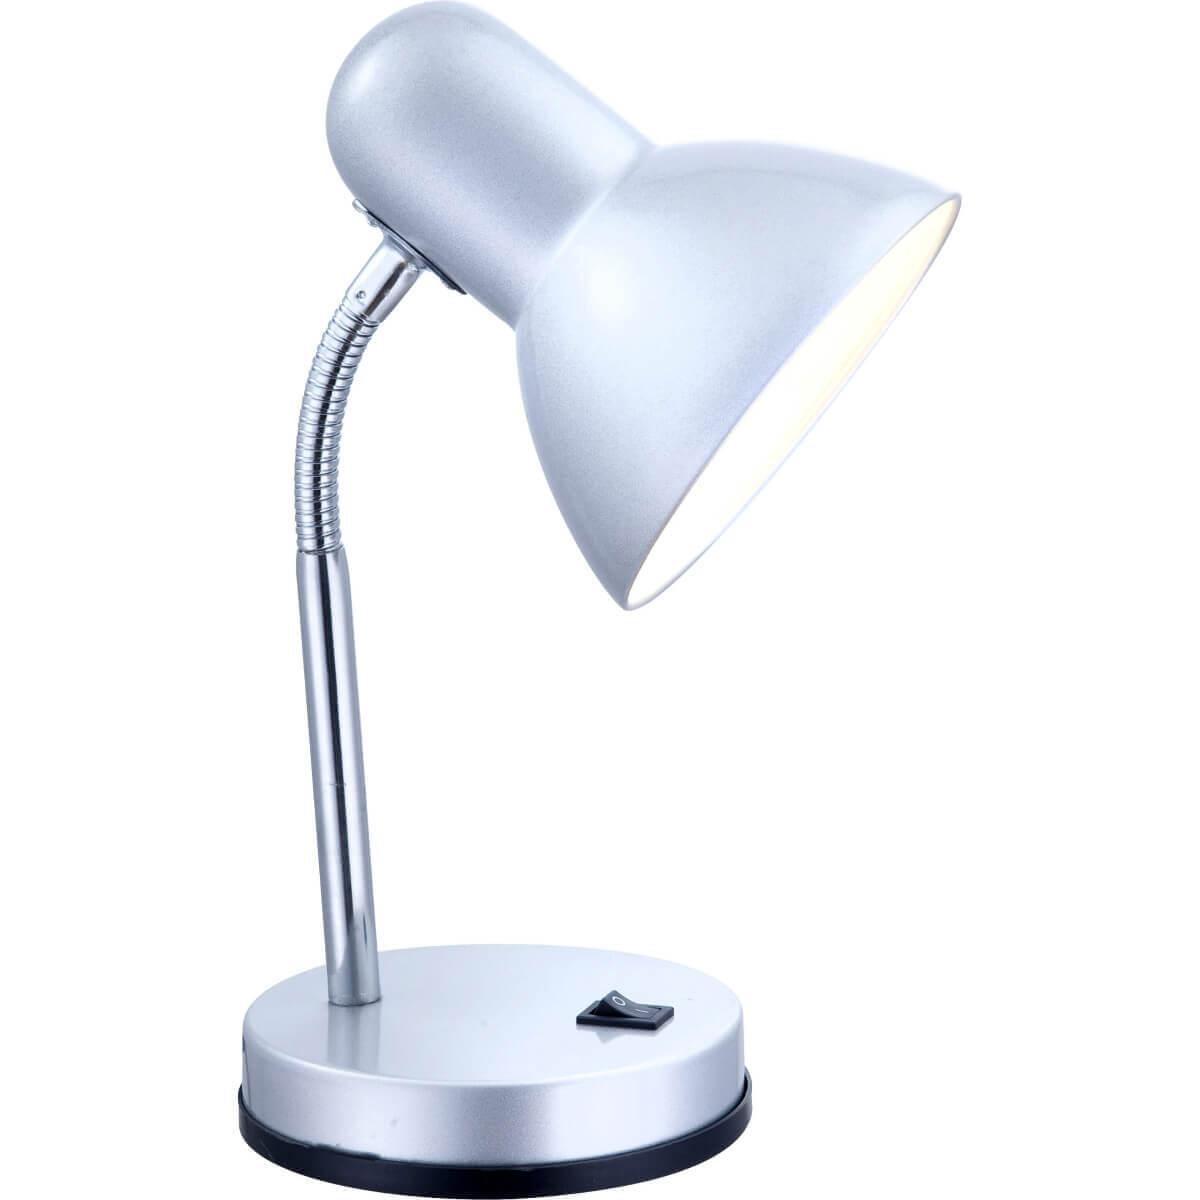 Настольная лампа Globo 2487 Basic